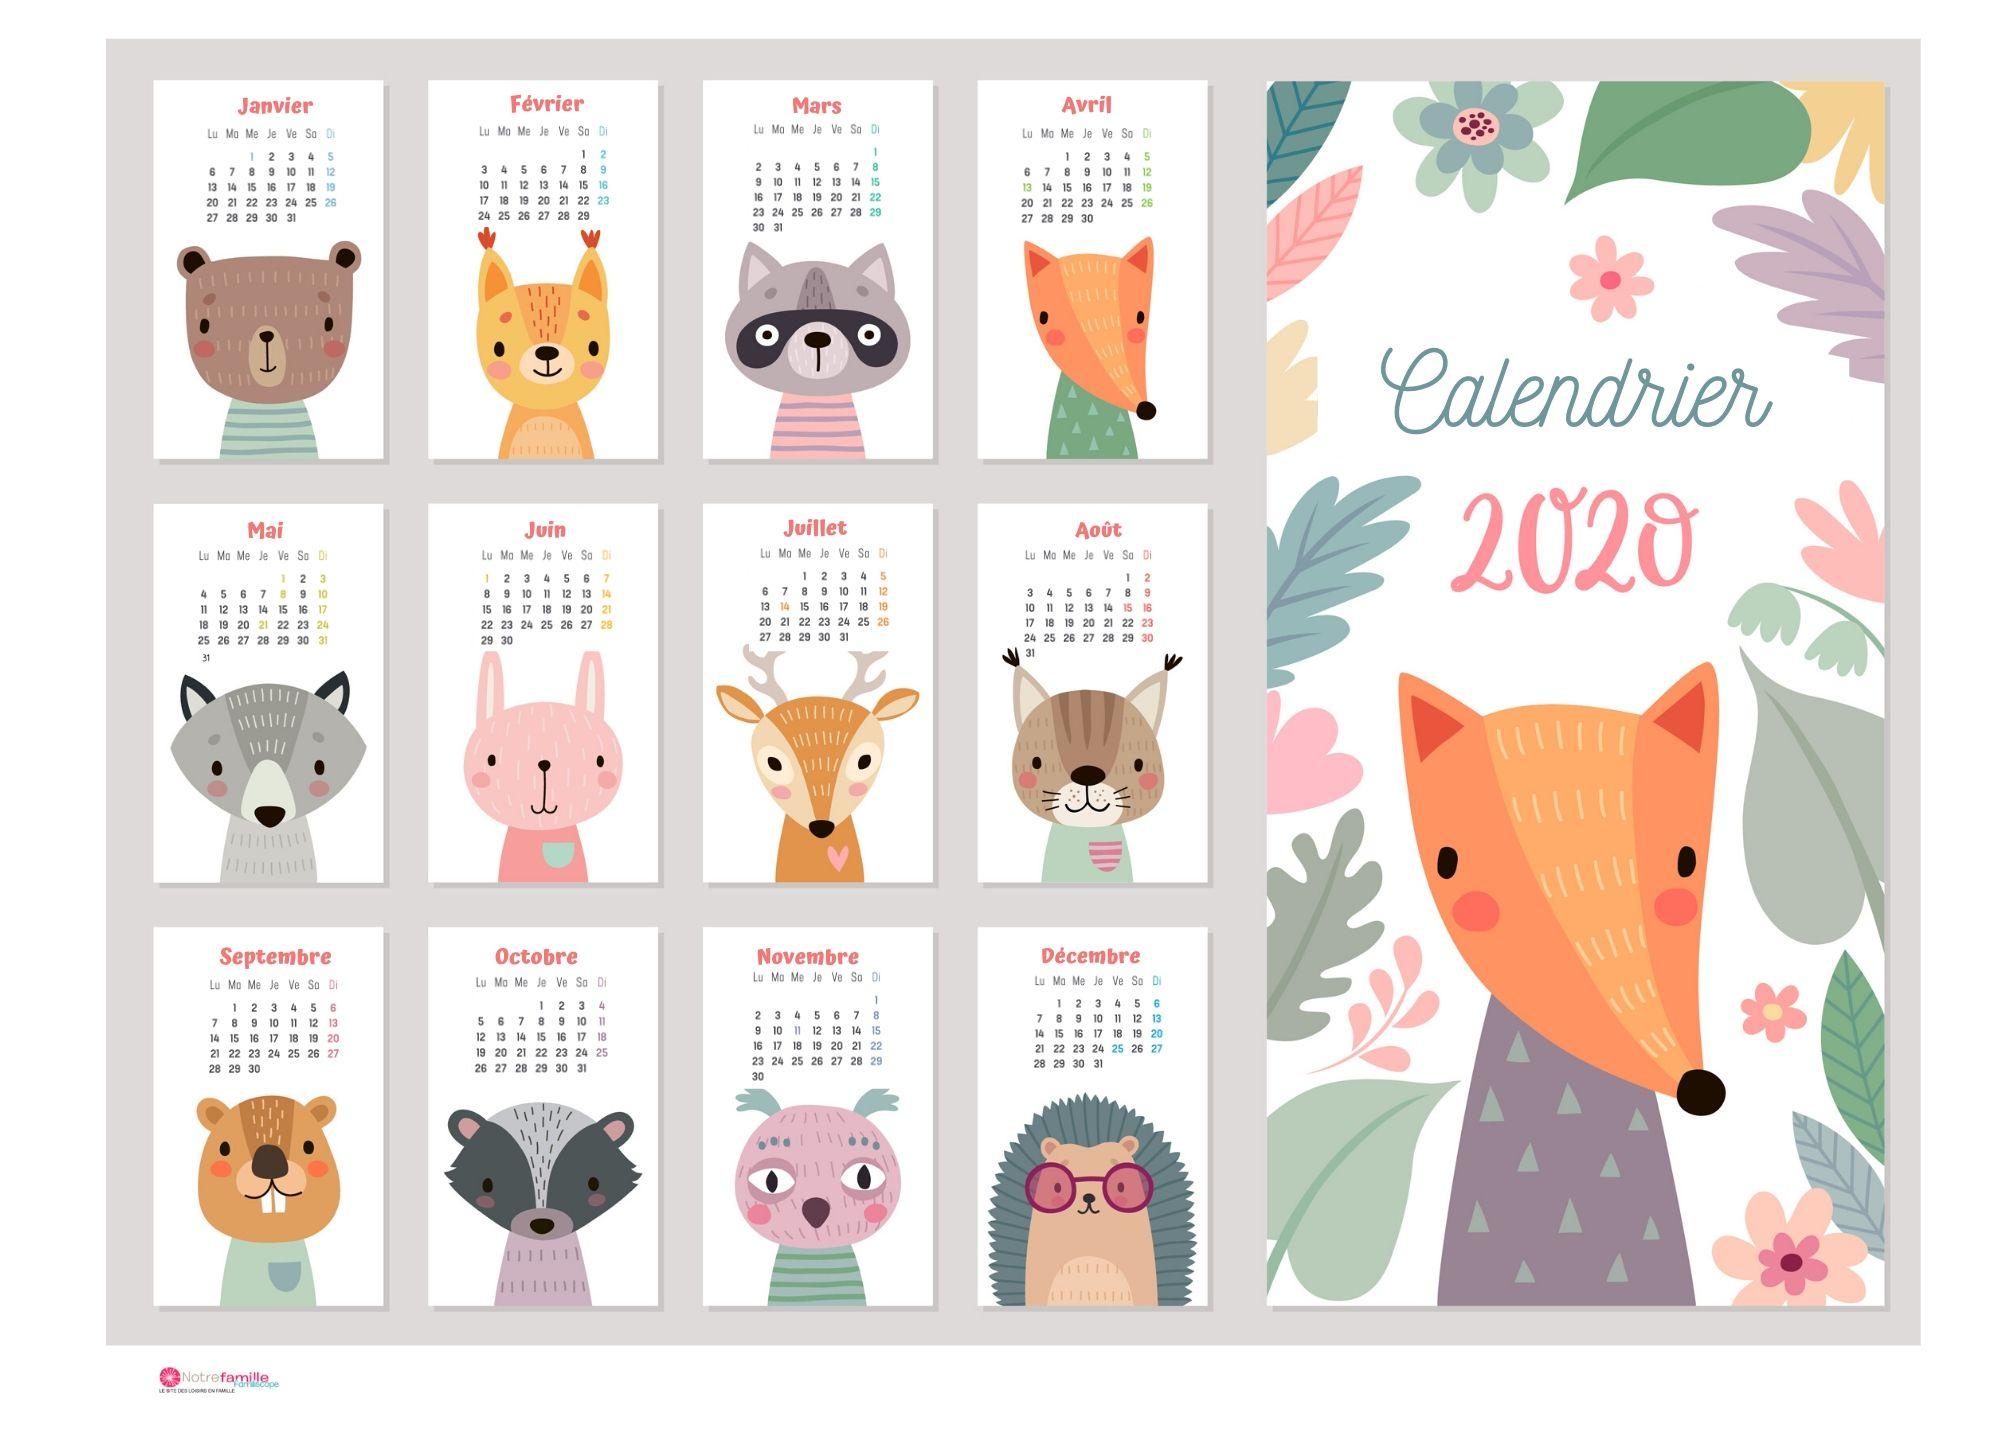 Calendriers 2020 À Imprimer Pour Les Enfants pour Activité 3 Ans Imprimer